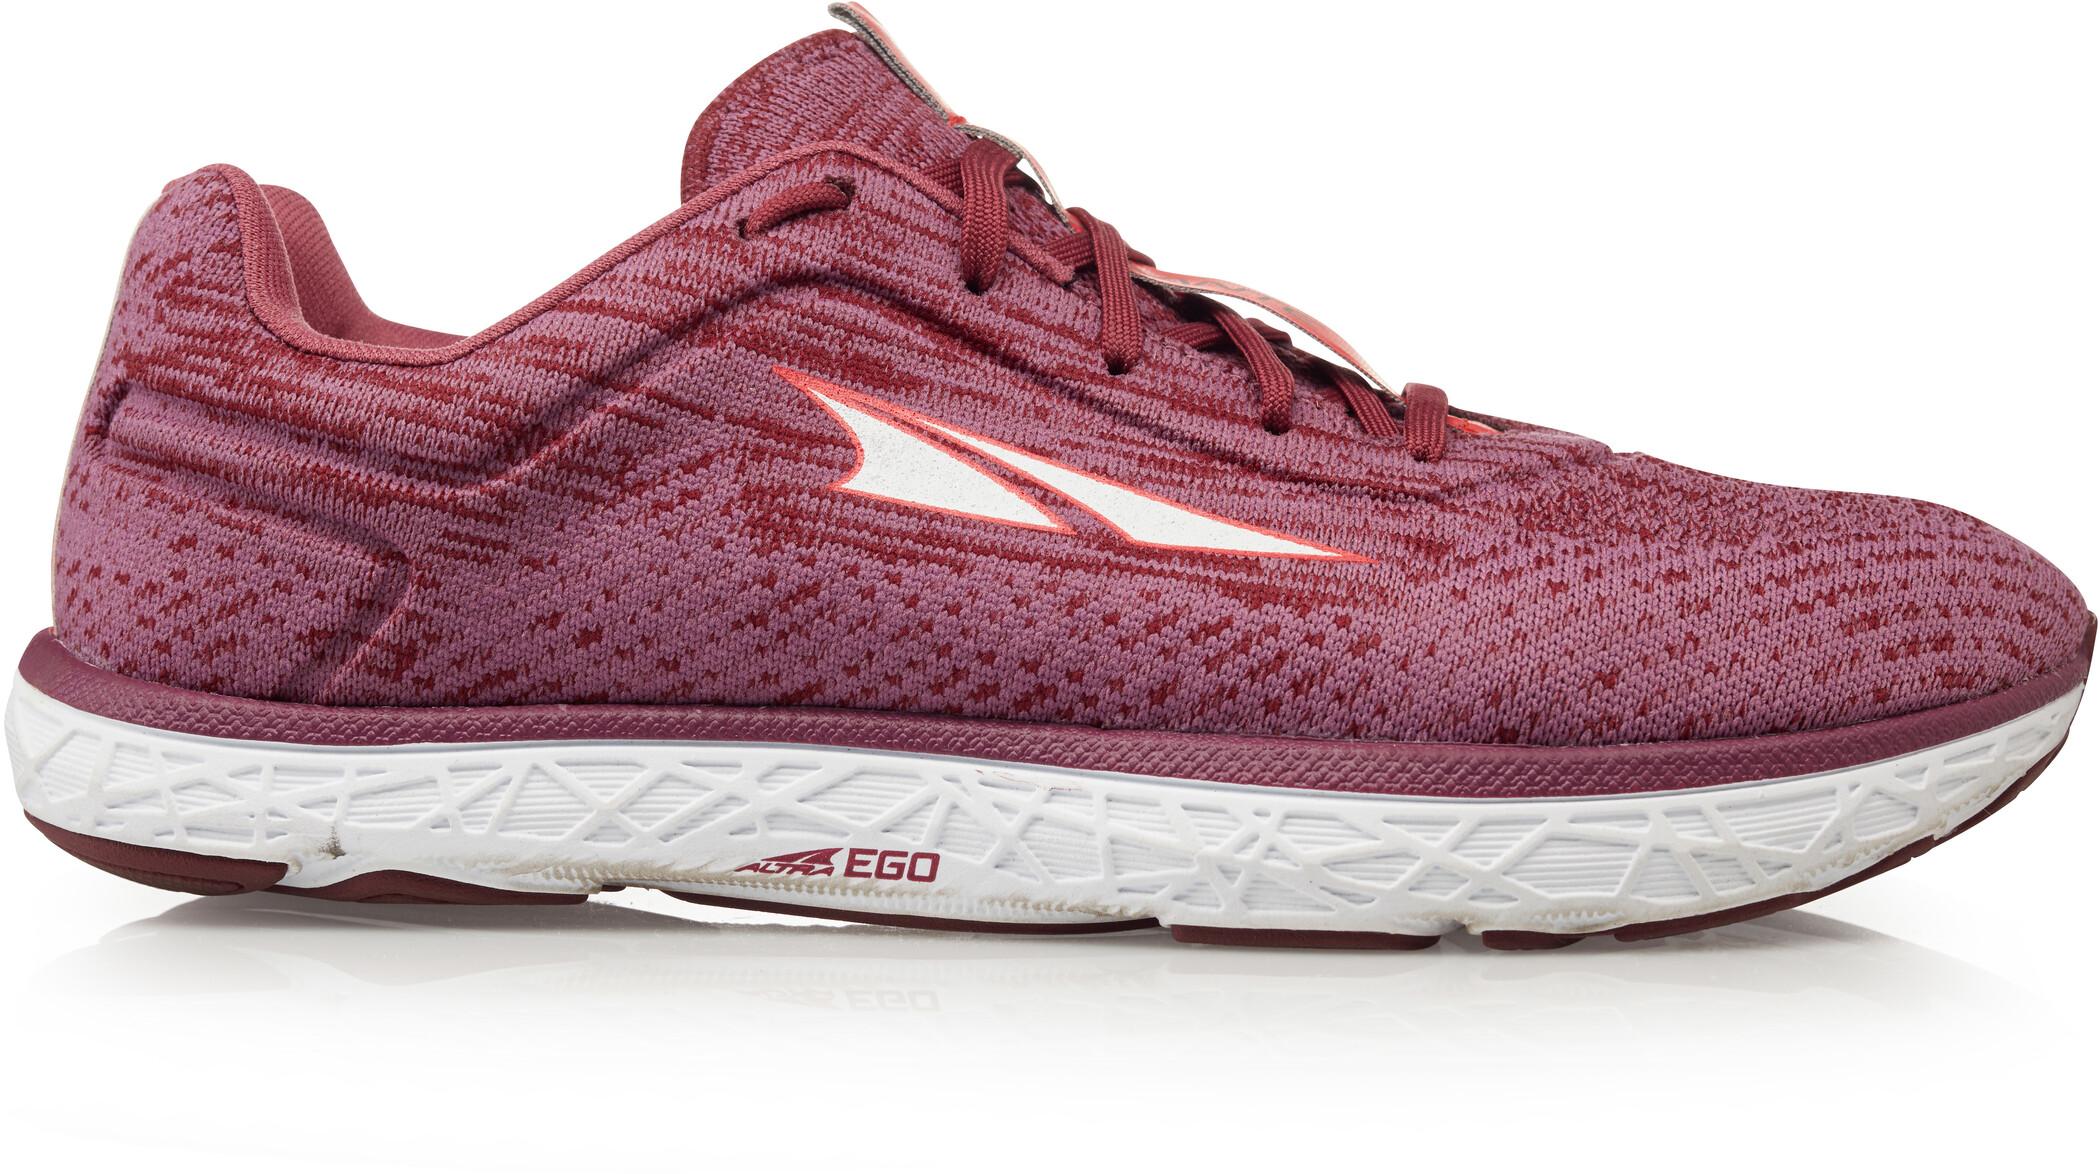 Altra Escalante 2 Løbesko Damer, rose/coral (2019) | Running shoes